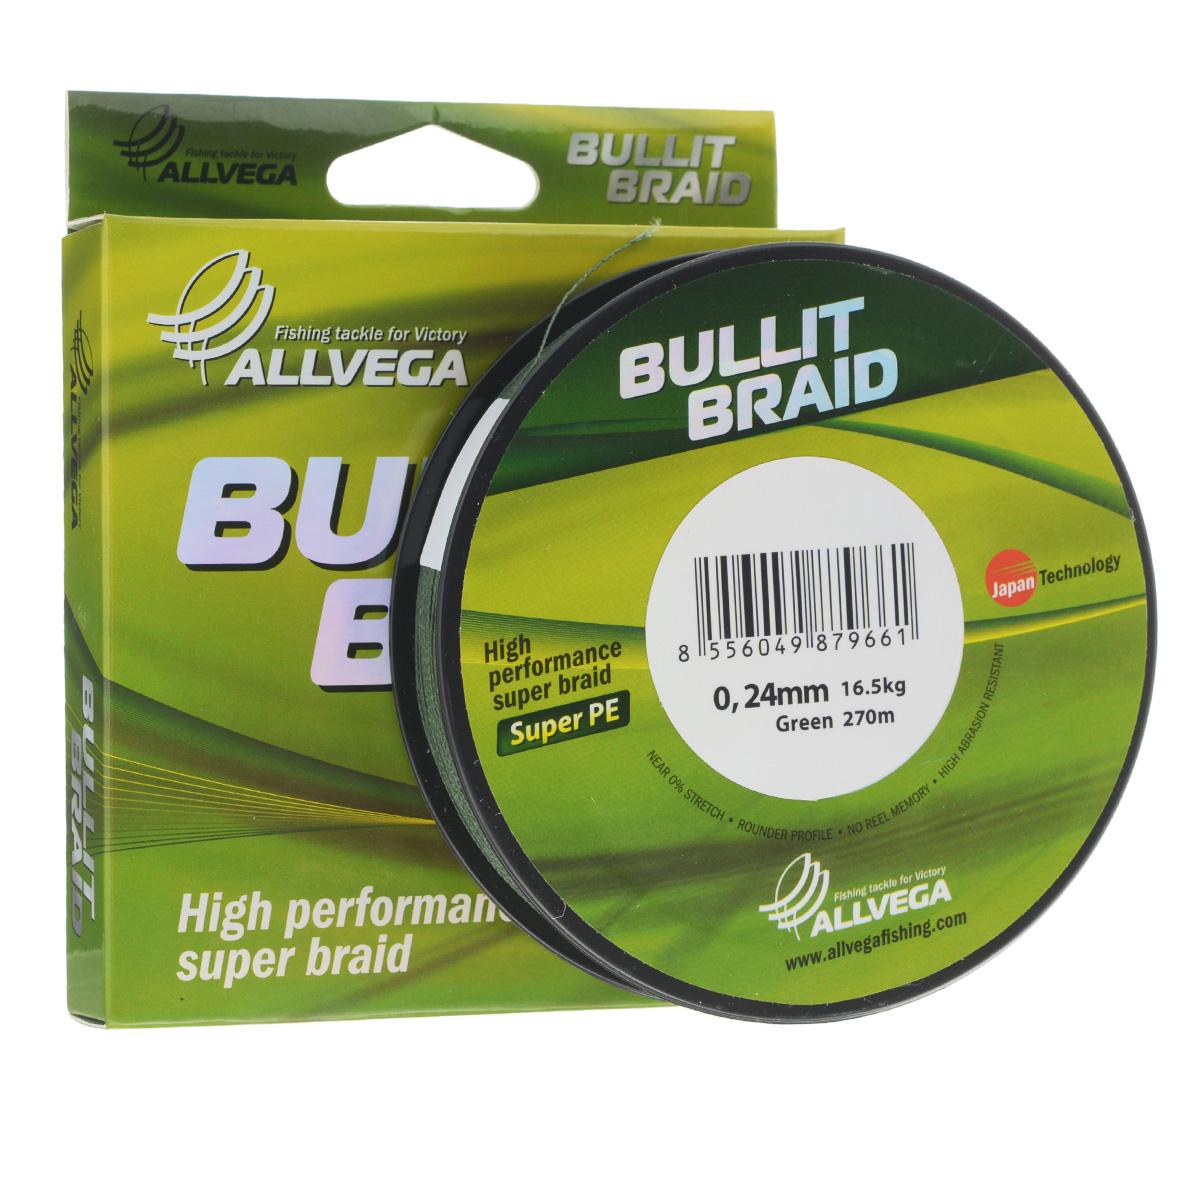 Леска плетеная Allvega Bullit Braid, цвет: темно-зеленый, 270 м, 0,24 мм, 16,5 кг51534Леска Allvega Bullit Braid с гладкой поверхностью и одинаковым сечением по всей длине обладает высокой износостойкостью. Благодаря микроволокнам полиэтилена (Super PE) леска имеет очень плотное плетение и не впитывает воду. Леску Allvega Bullit Braid можно применять в любых типах водоемов. Особенности:повышенная износостойкость;высокая чувствительность - коэффициент растяжения близок к нулю;отсутствует память; идеально гладкая поверхность позволяет увеличить дальность забросов; высокая прочность шнура на узлах.